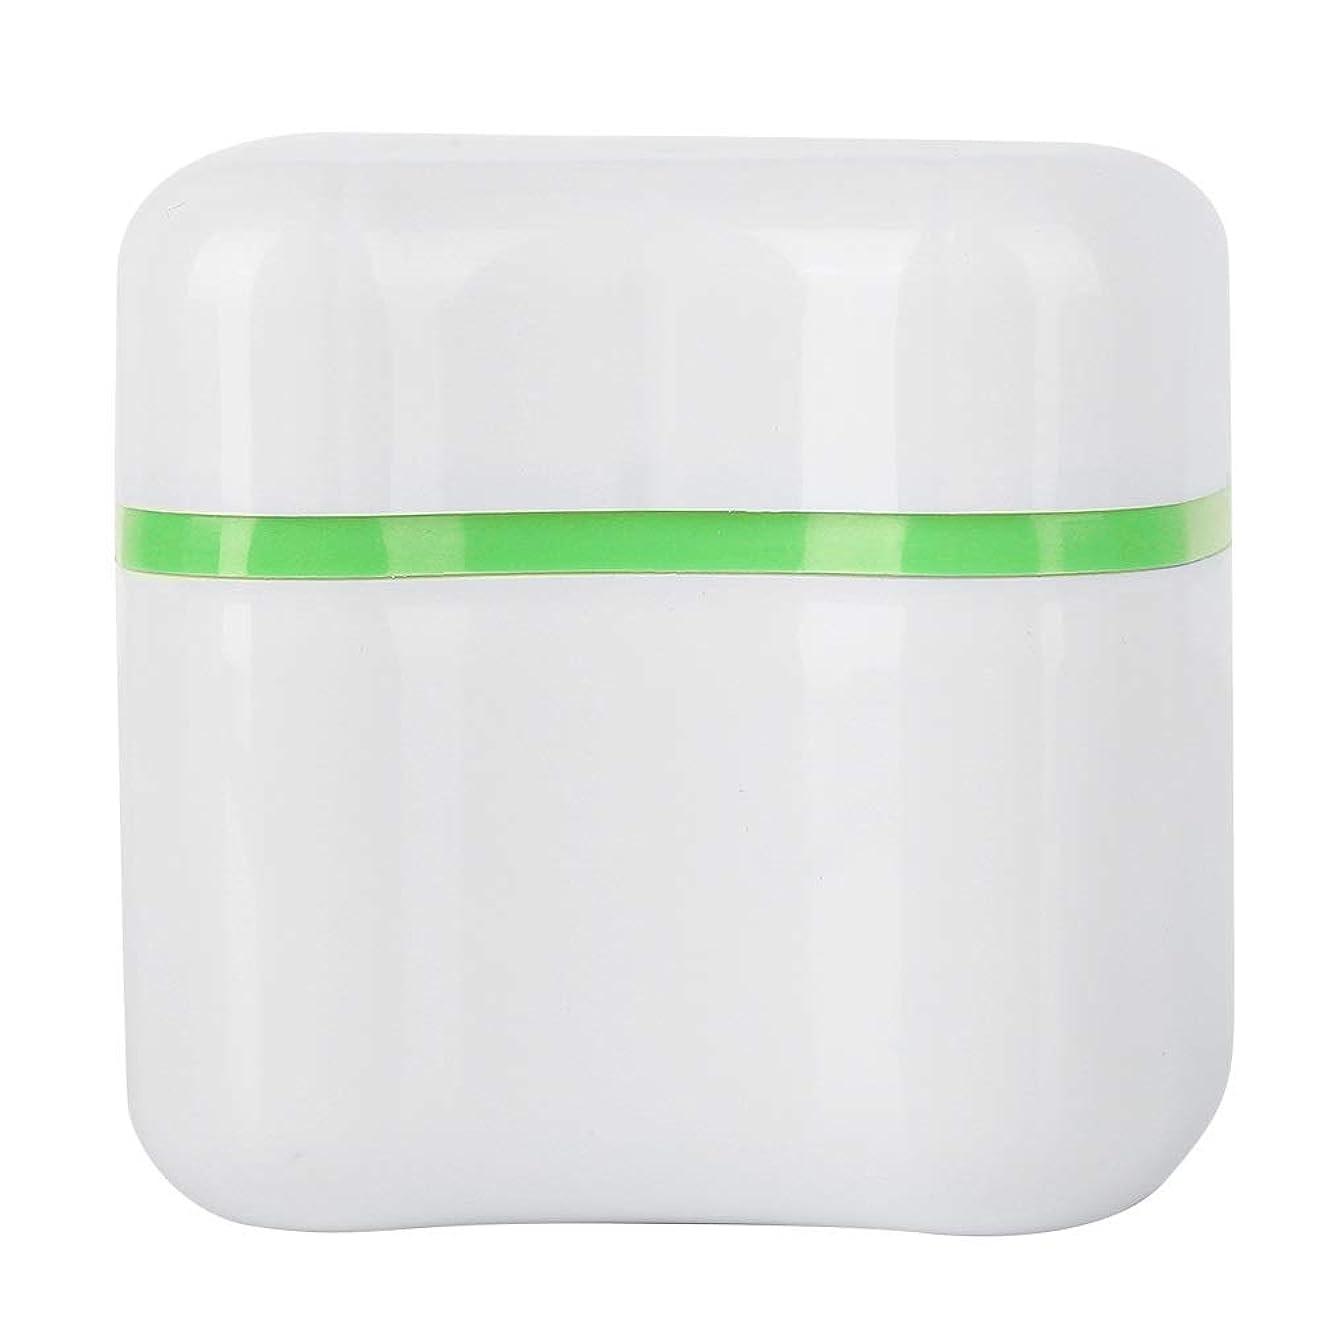 仮装踊り子ボタン義歯ボックス 歯科用器具 持ち運びやすい 通気性 無毒性 耐久性 PP グリーン 8.5 * 7 * 8cm